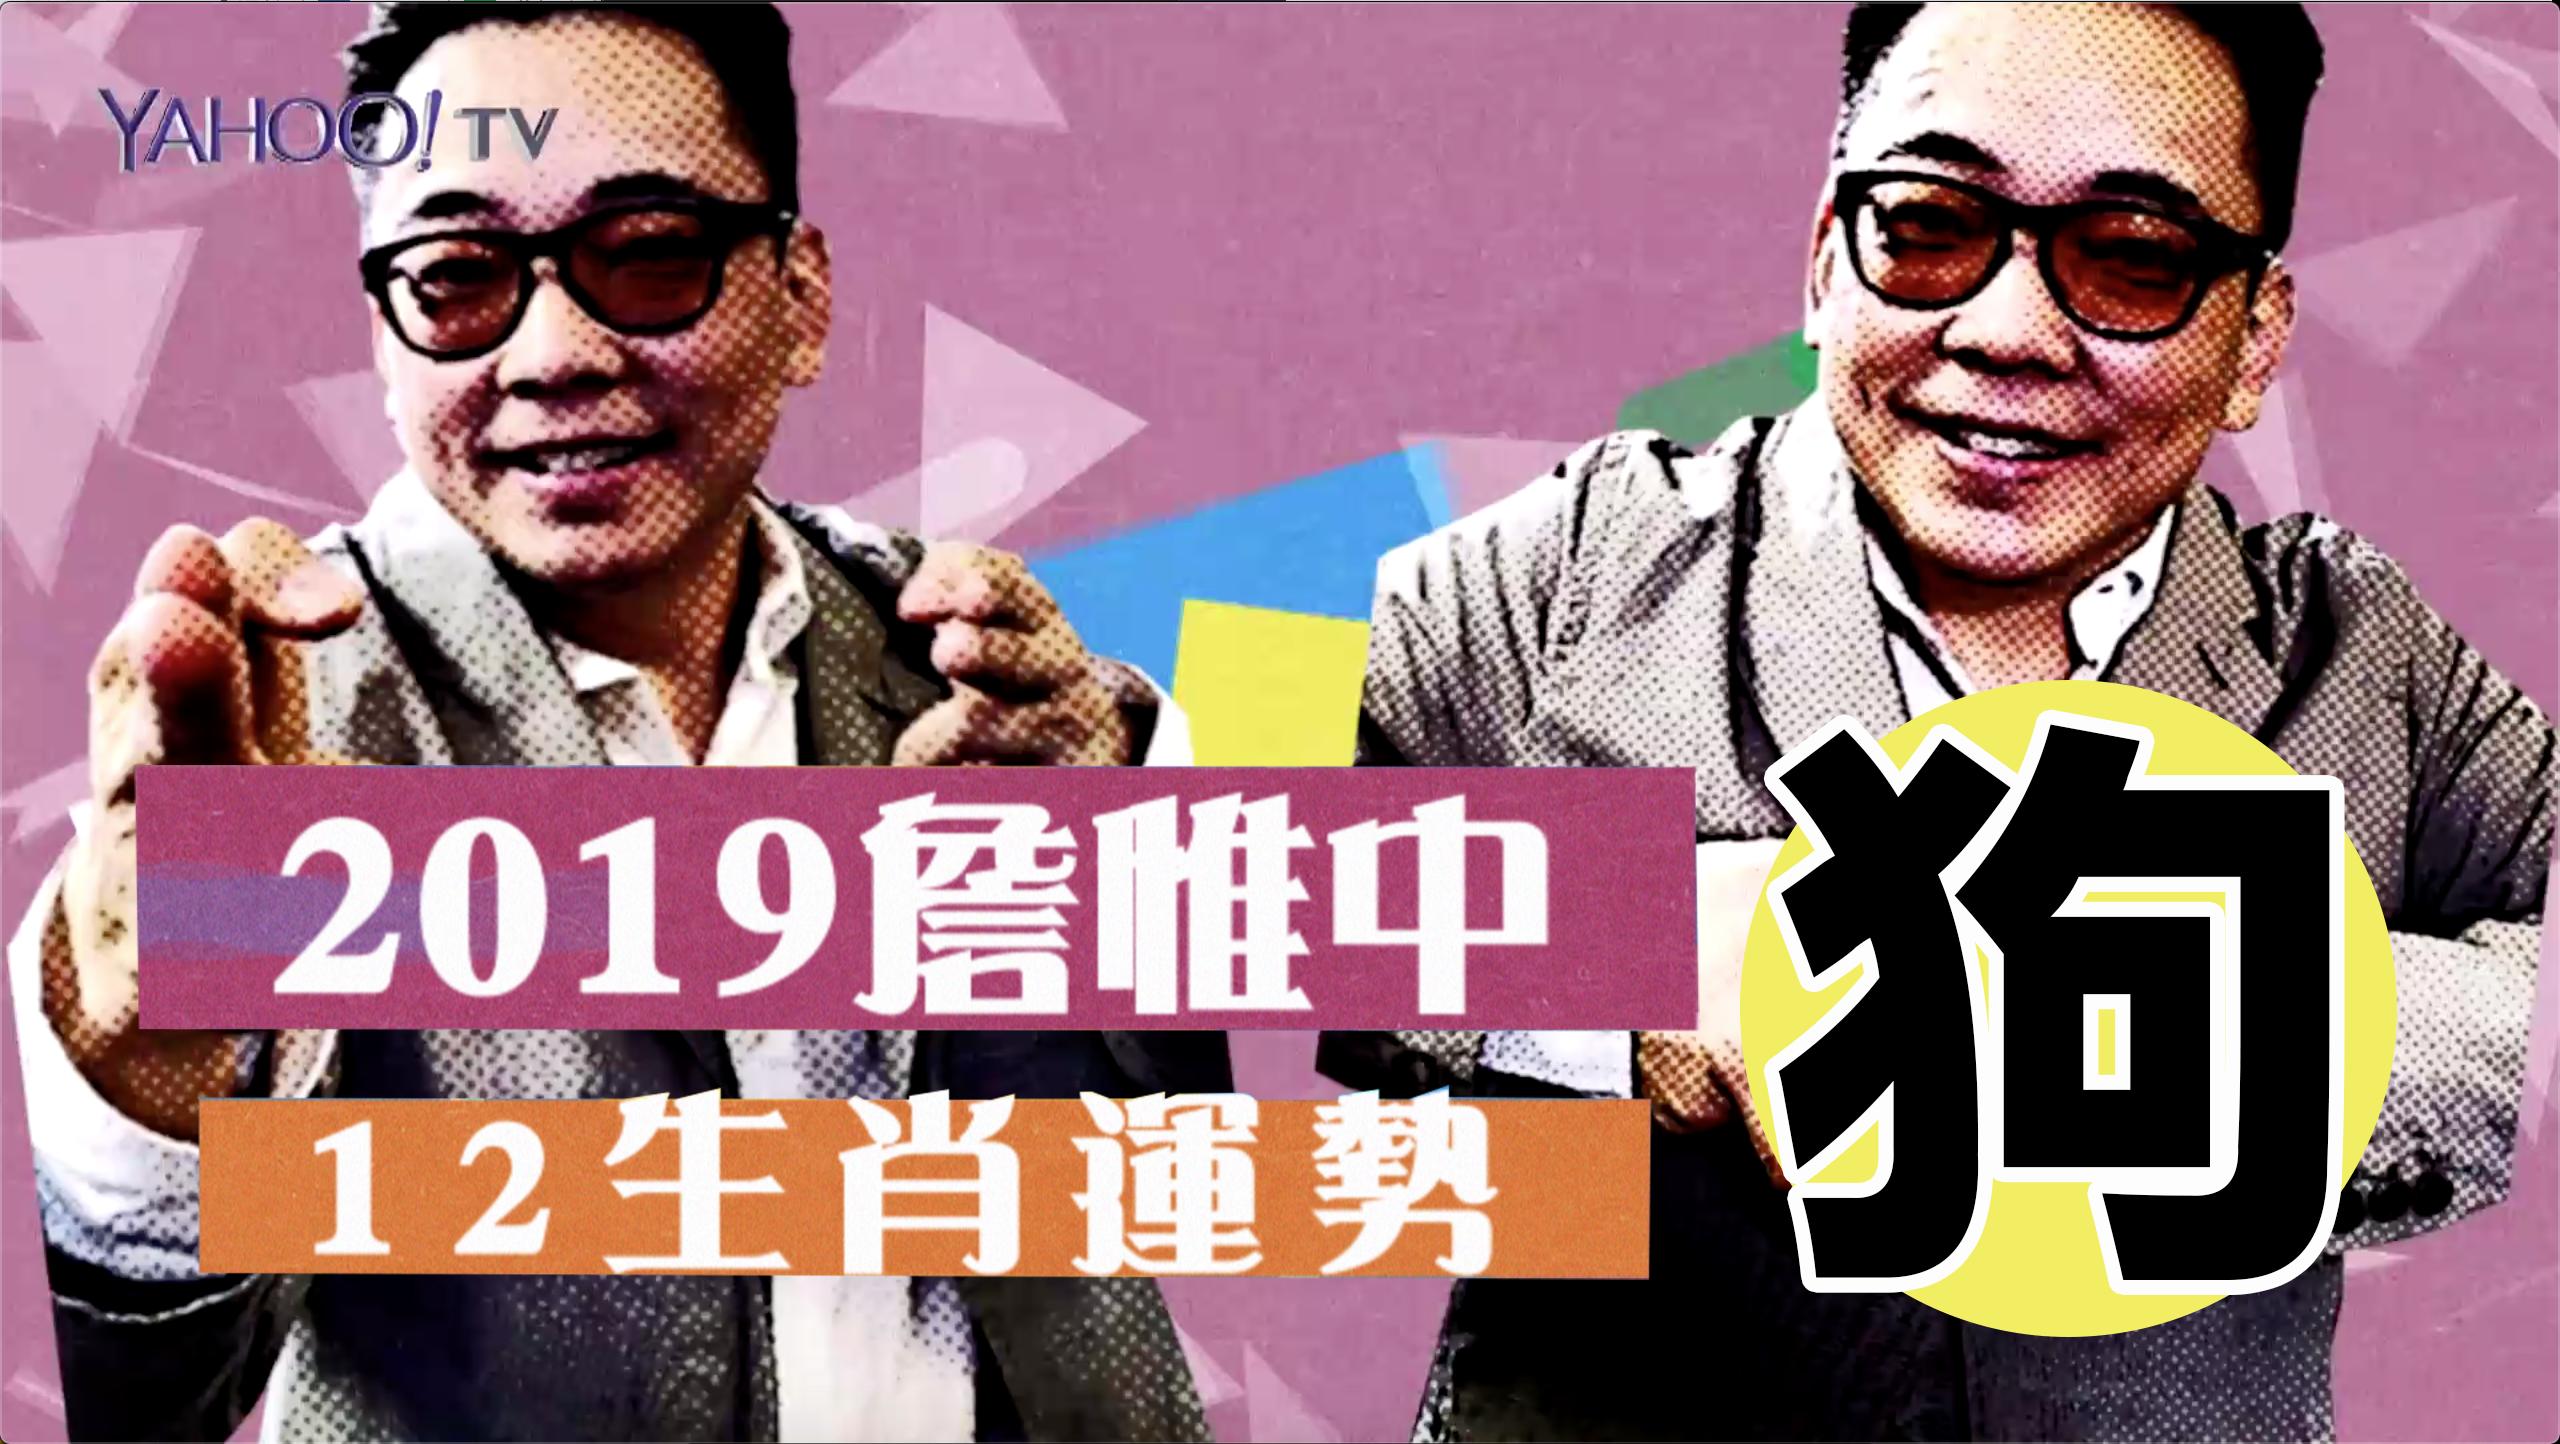 【狗】2019 流年愛情運勢 - 詹惟中生肖運勢